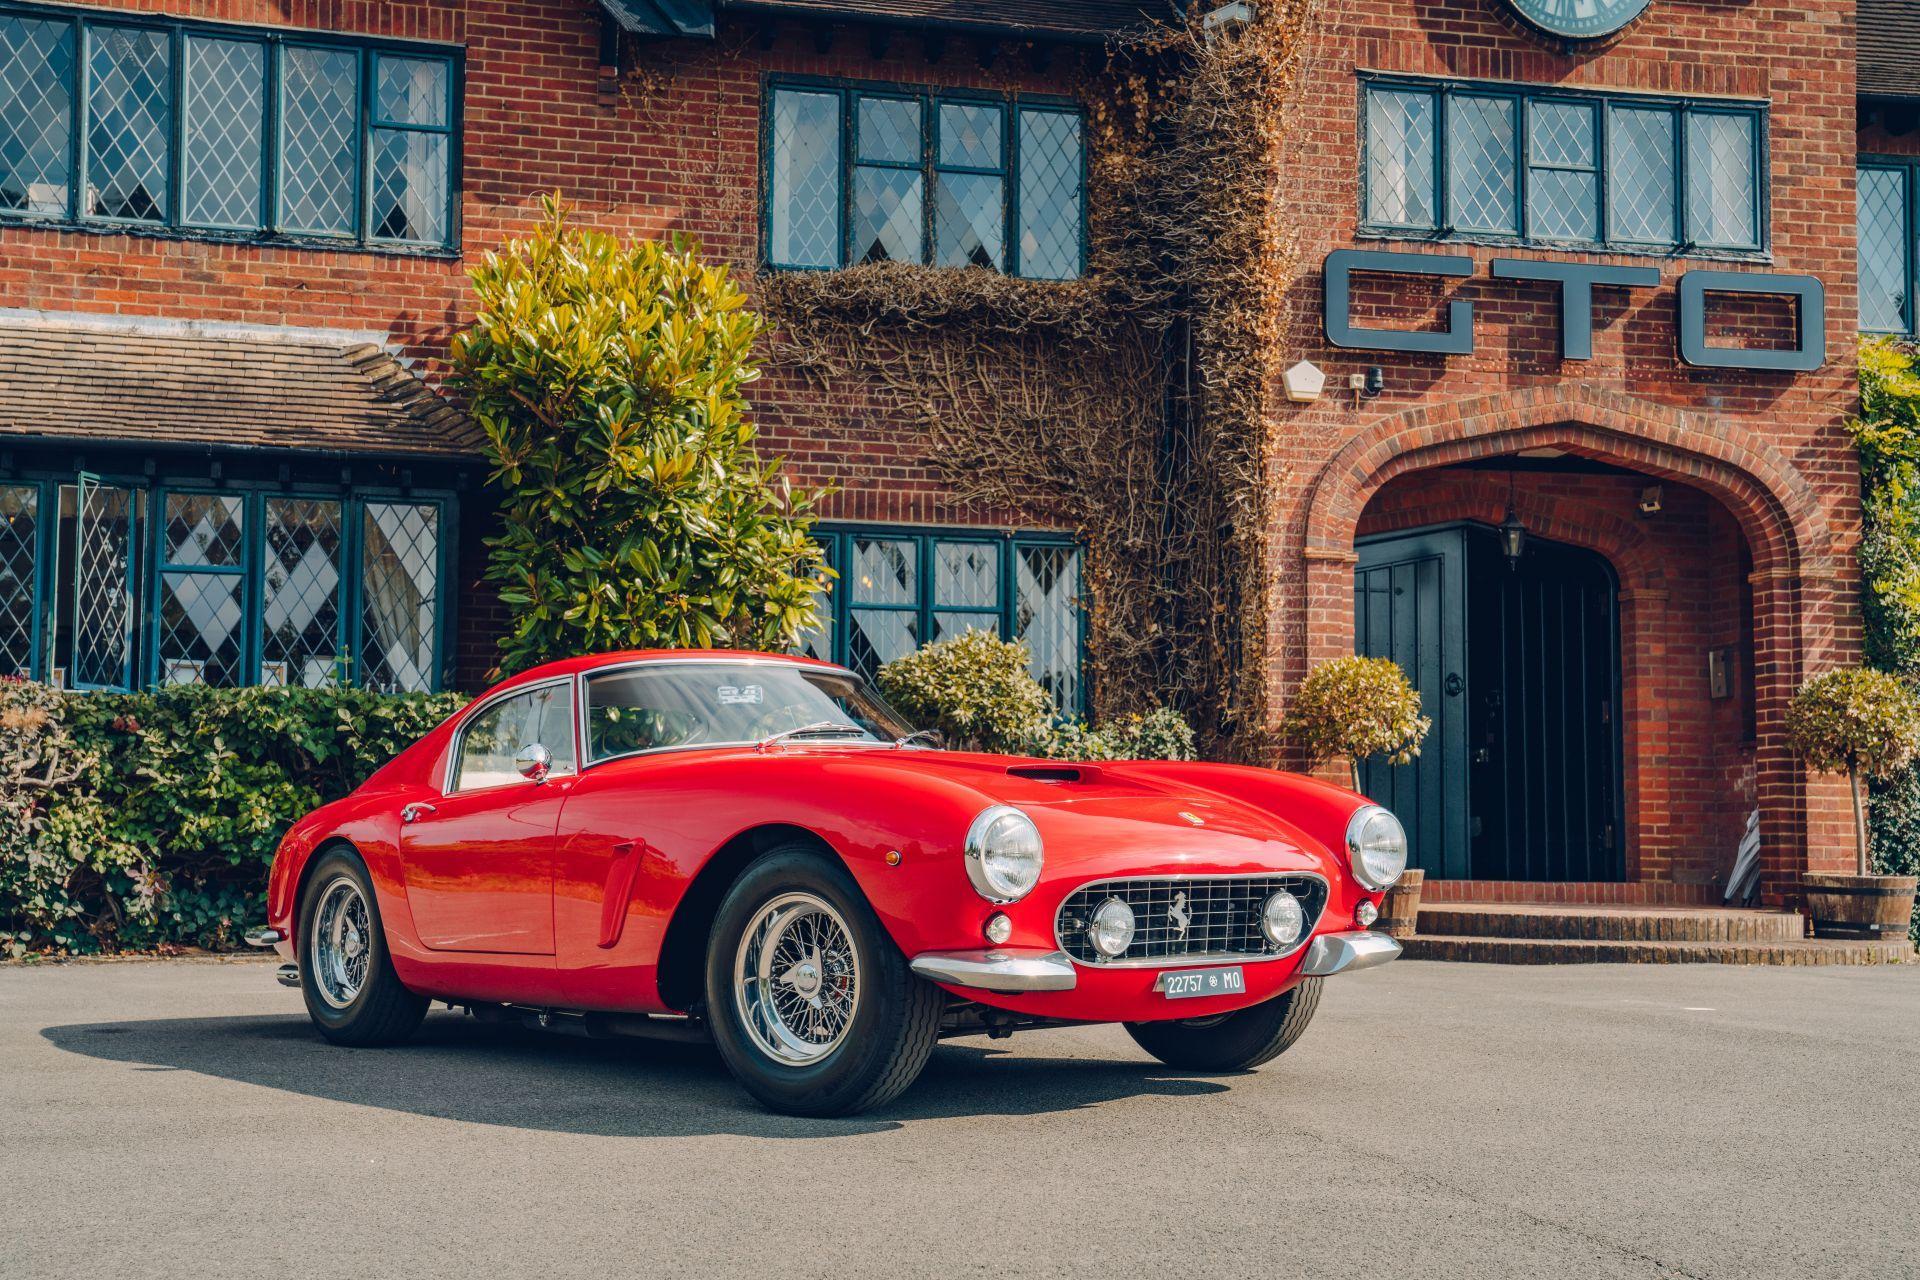 Ferrari-250-GT-SWB-Berlinetta-Competizione-Revival-by-GTO-Engineering-20